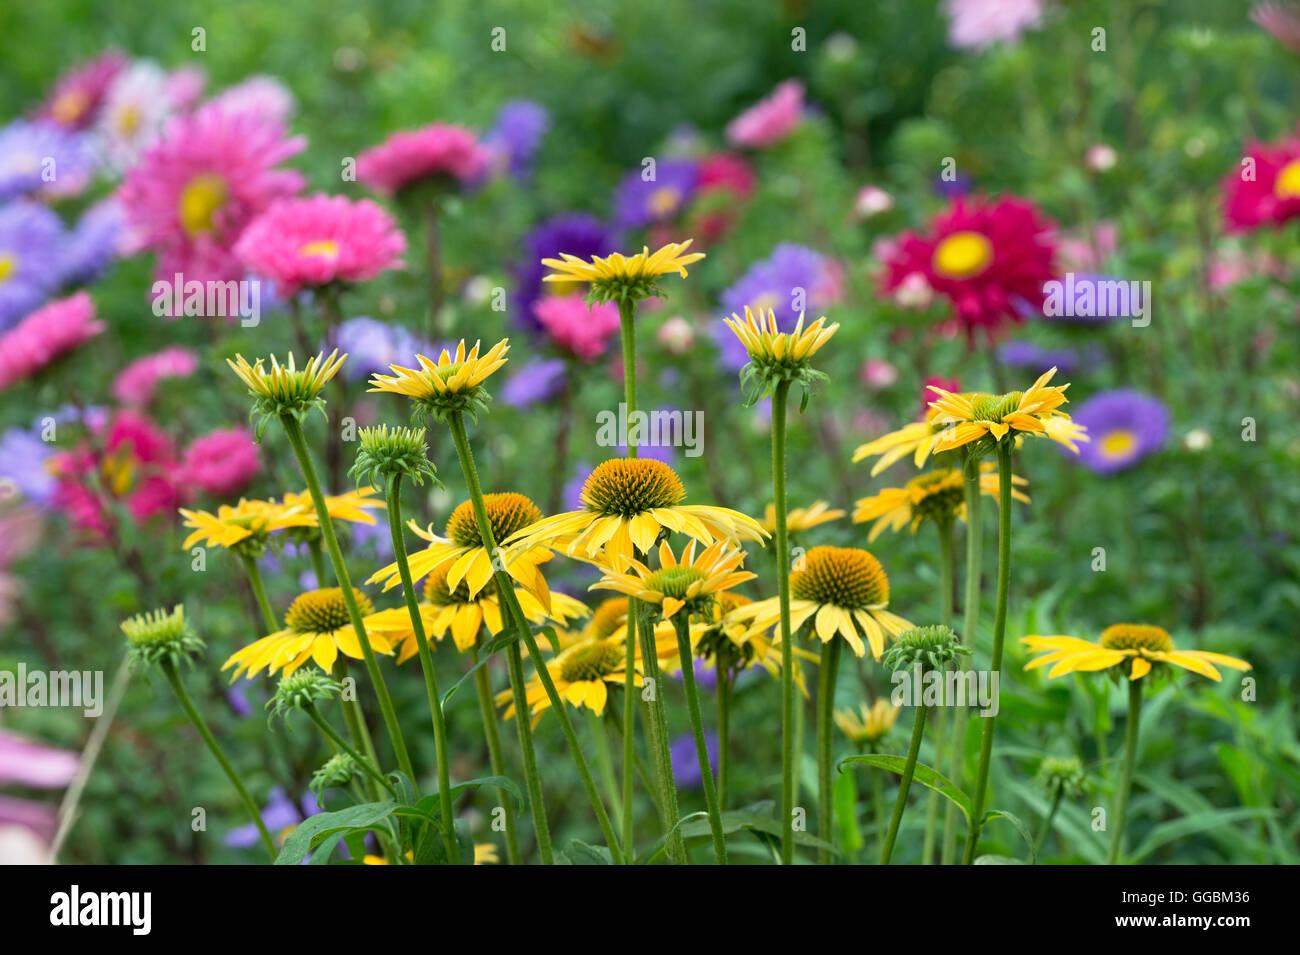 Mazzo Di Fiori Gigante.Echinacea Hybrida Cheyenne Spirito Coneflowers Nella Parte